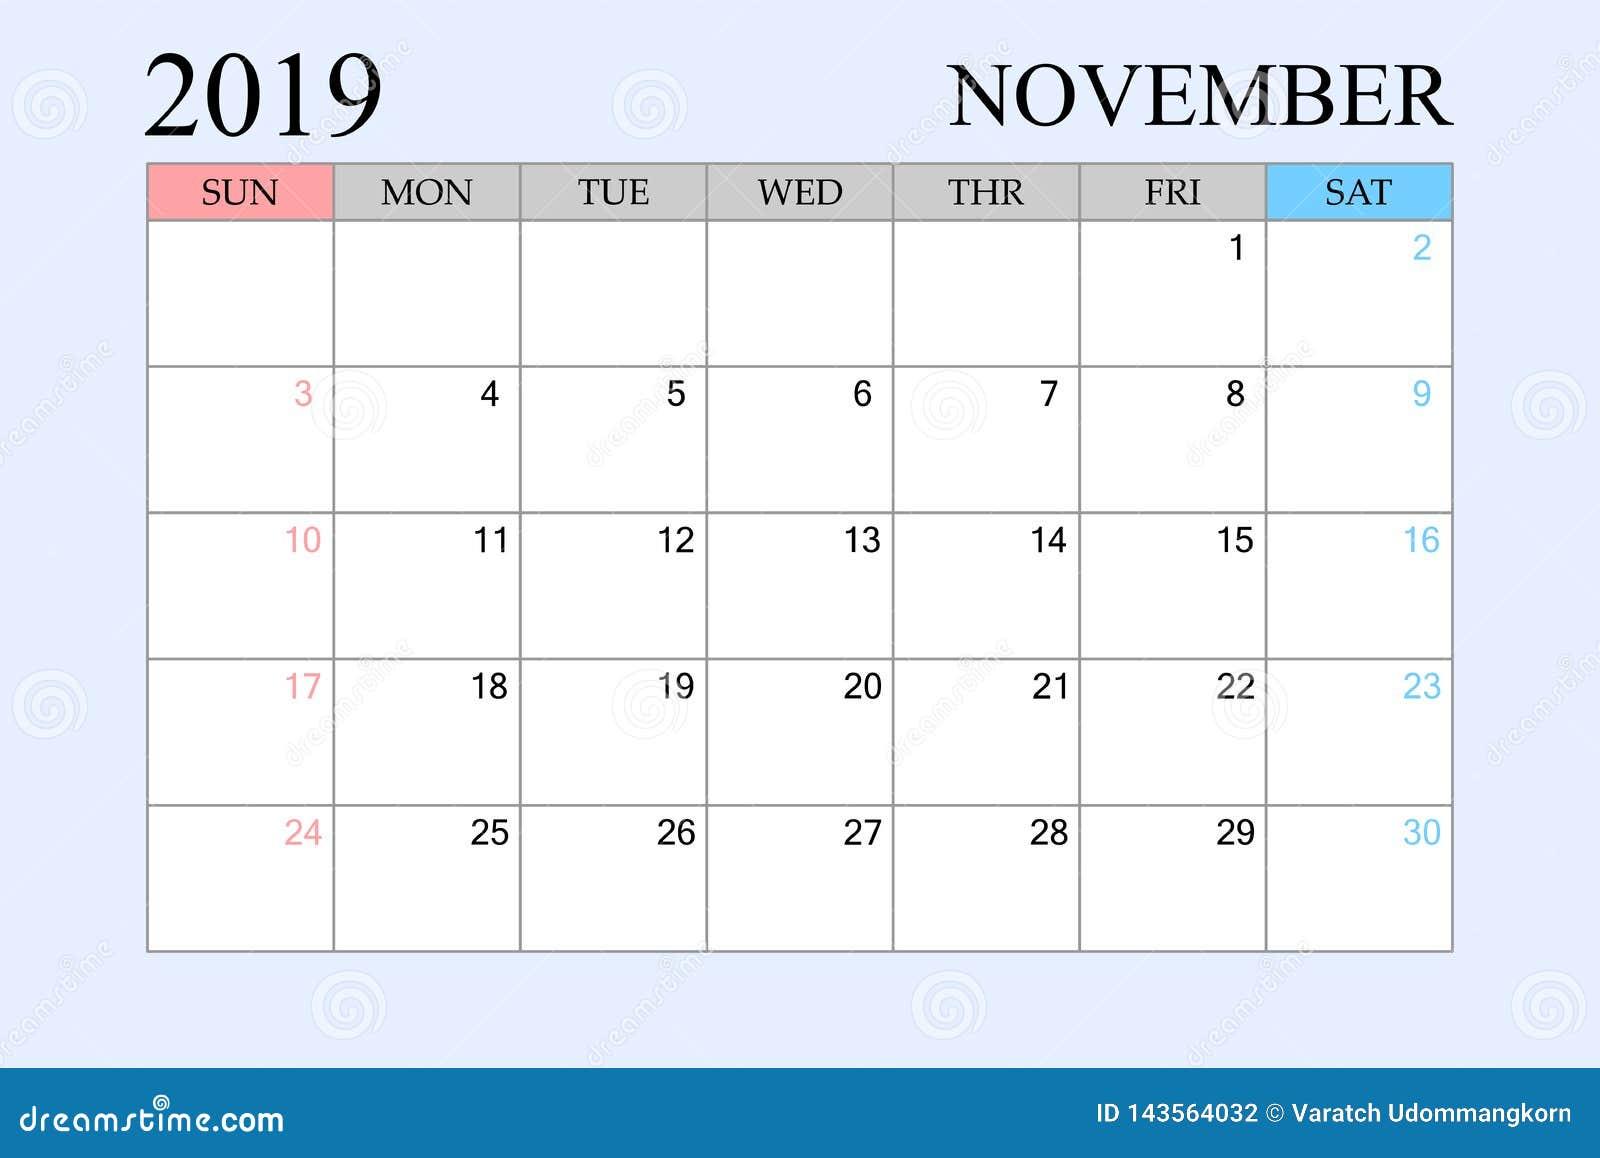 Calendario Noviembre 2019.2019 El Calendario Noviembre Planificador Del Horario Organizador